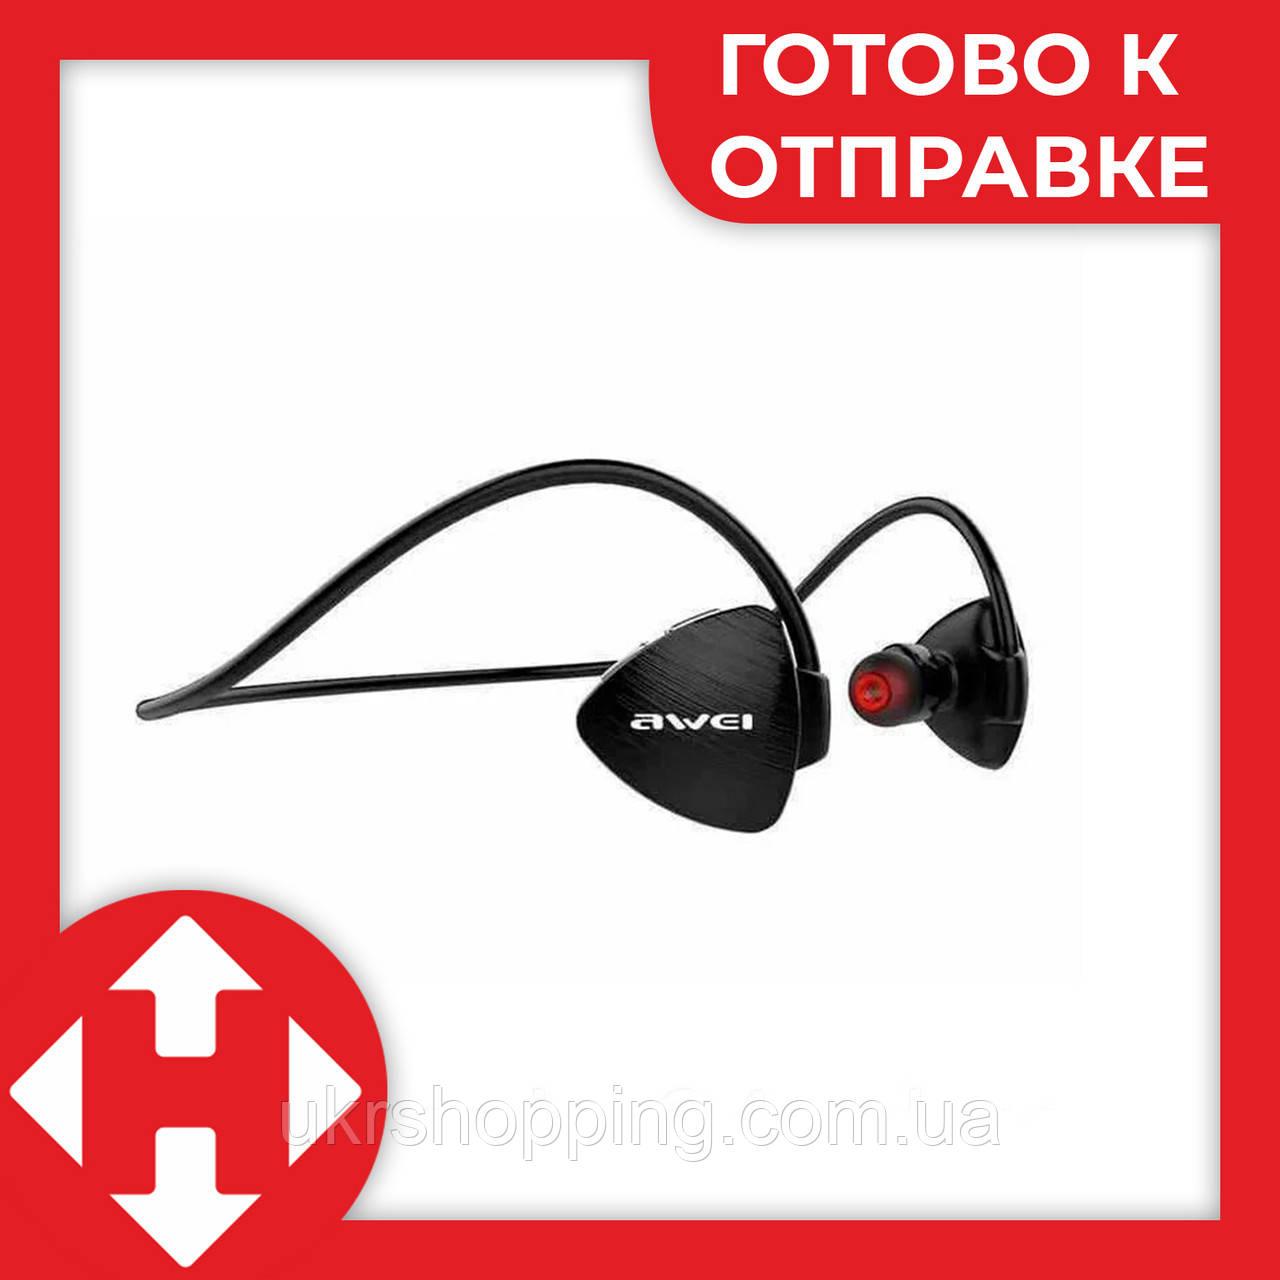 Беспроводные вакуумные спортивные блютус наушники, AWEI MDR A847BL - наушники для спорта - Черные